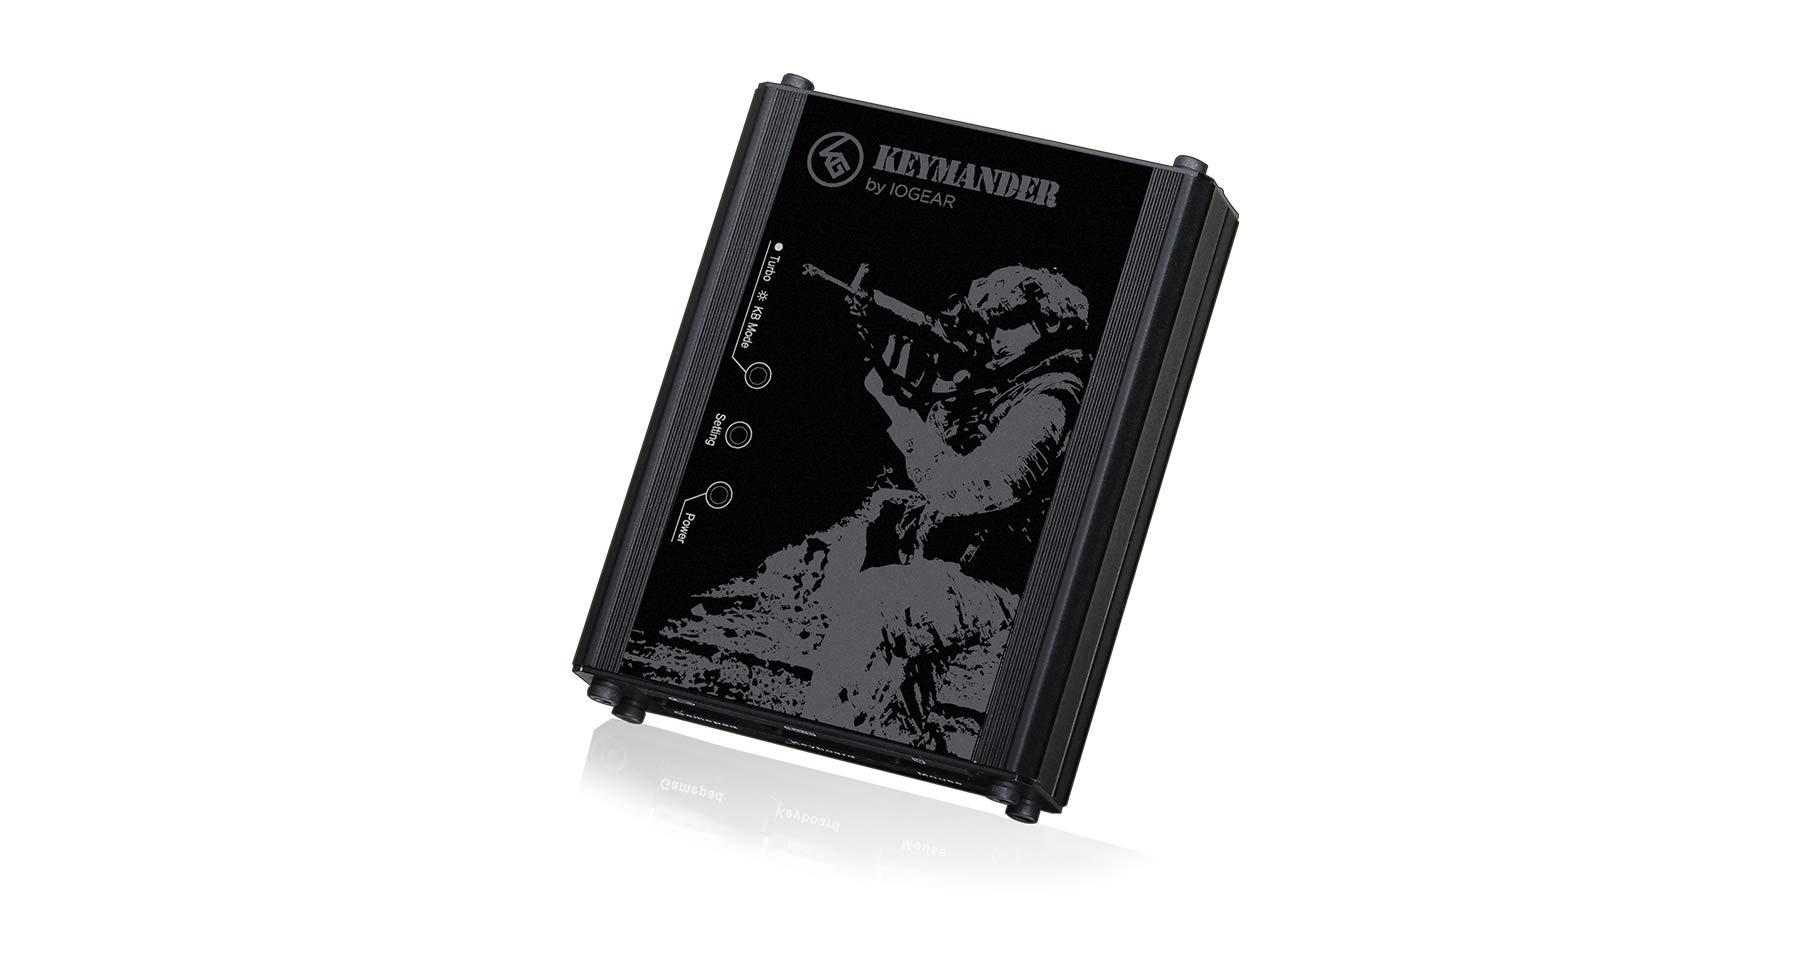 IOGEAR KeyMander KORE - Kit de Teclado y ratón, Incluye Teclado ...